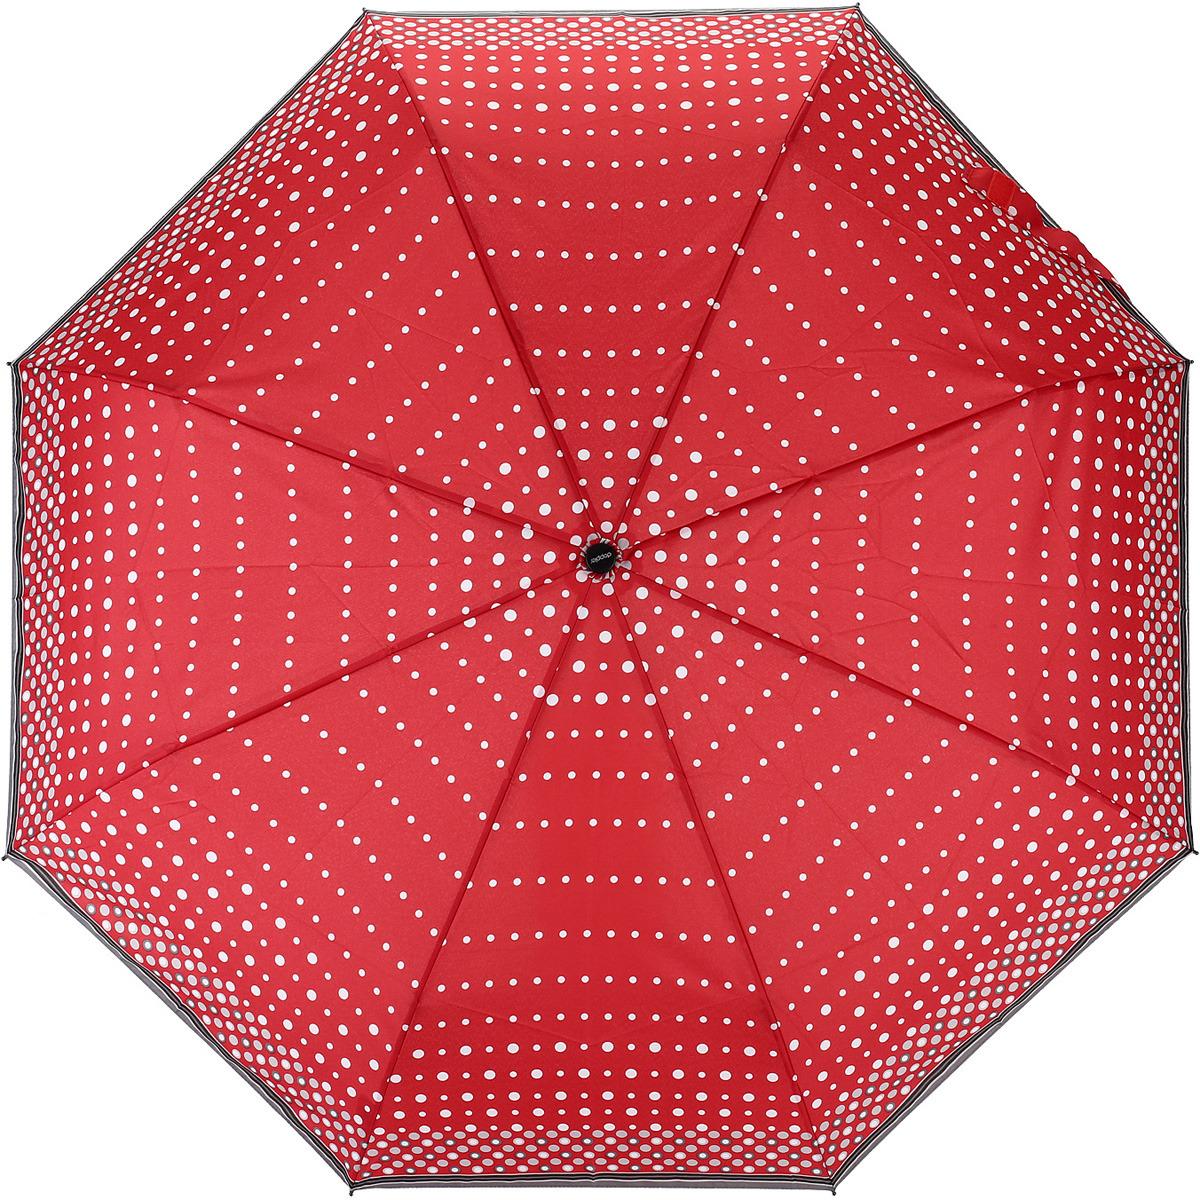 Зонт женский Doppler, цвет: красный, 3 сложения, полуавтомат. 730165PE1 зонт трость женский doppler цвет красный 714765l